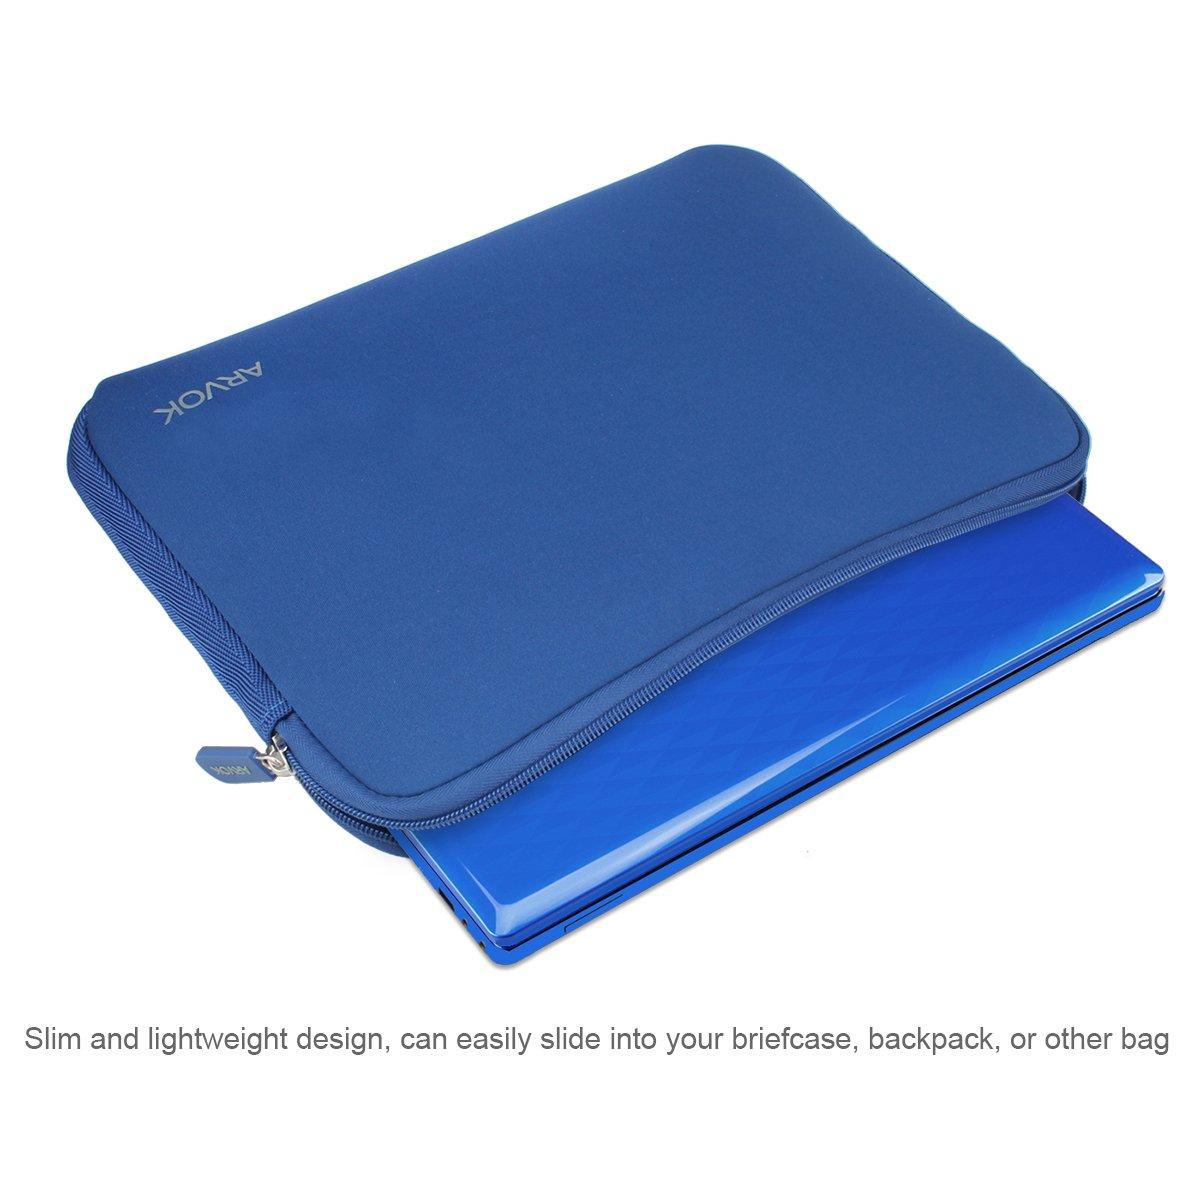 Arvok 17 Pollici Sleeve per Laptop//Impermeabile Custodia di Neoprene Borsa//Caso Protettiva//Borsa da Trasporto per MacBook//Acer//dell//Lenovo//HP//Samsung//Sony//Toshiba//Ultrabook